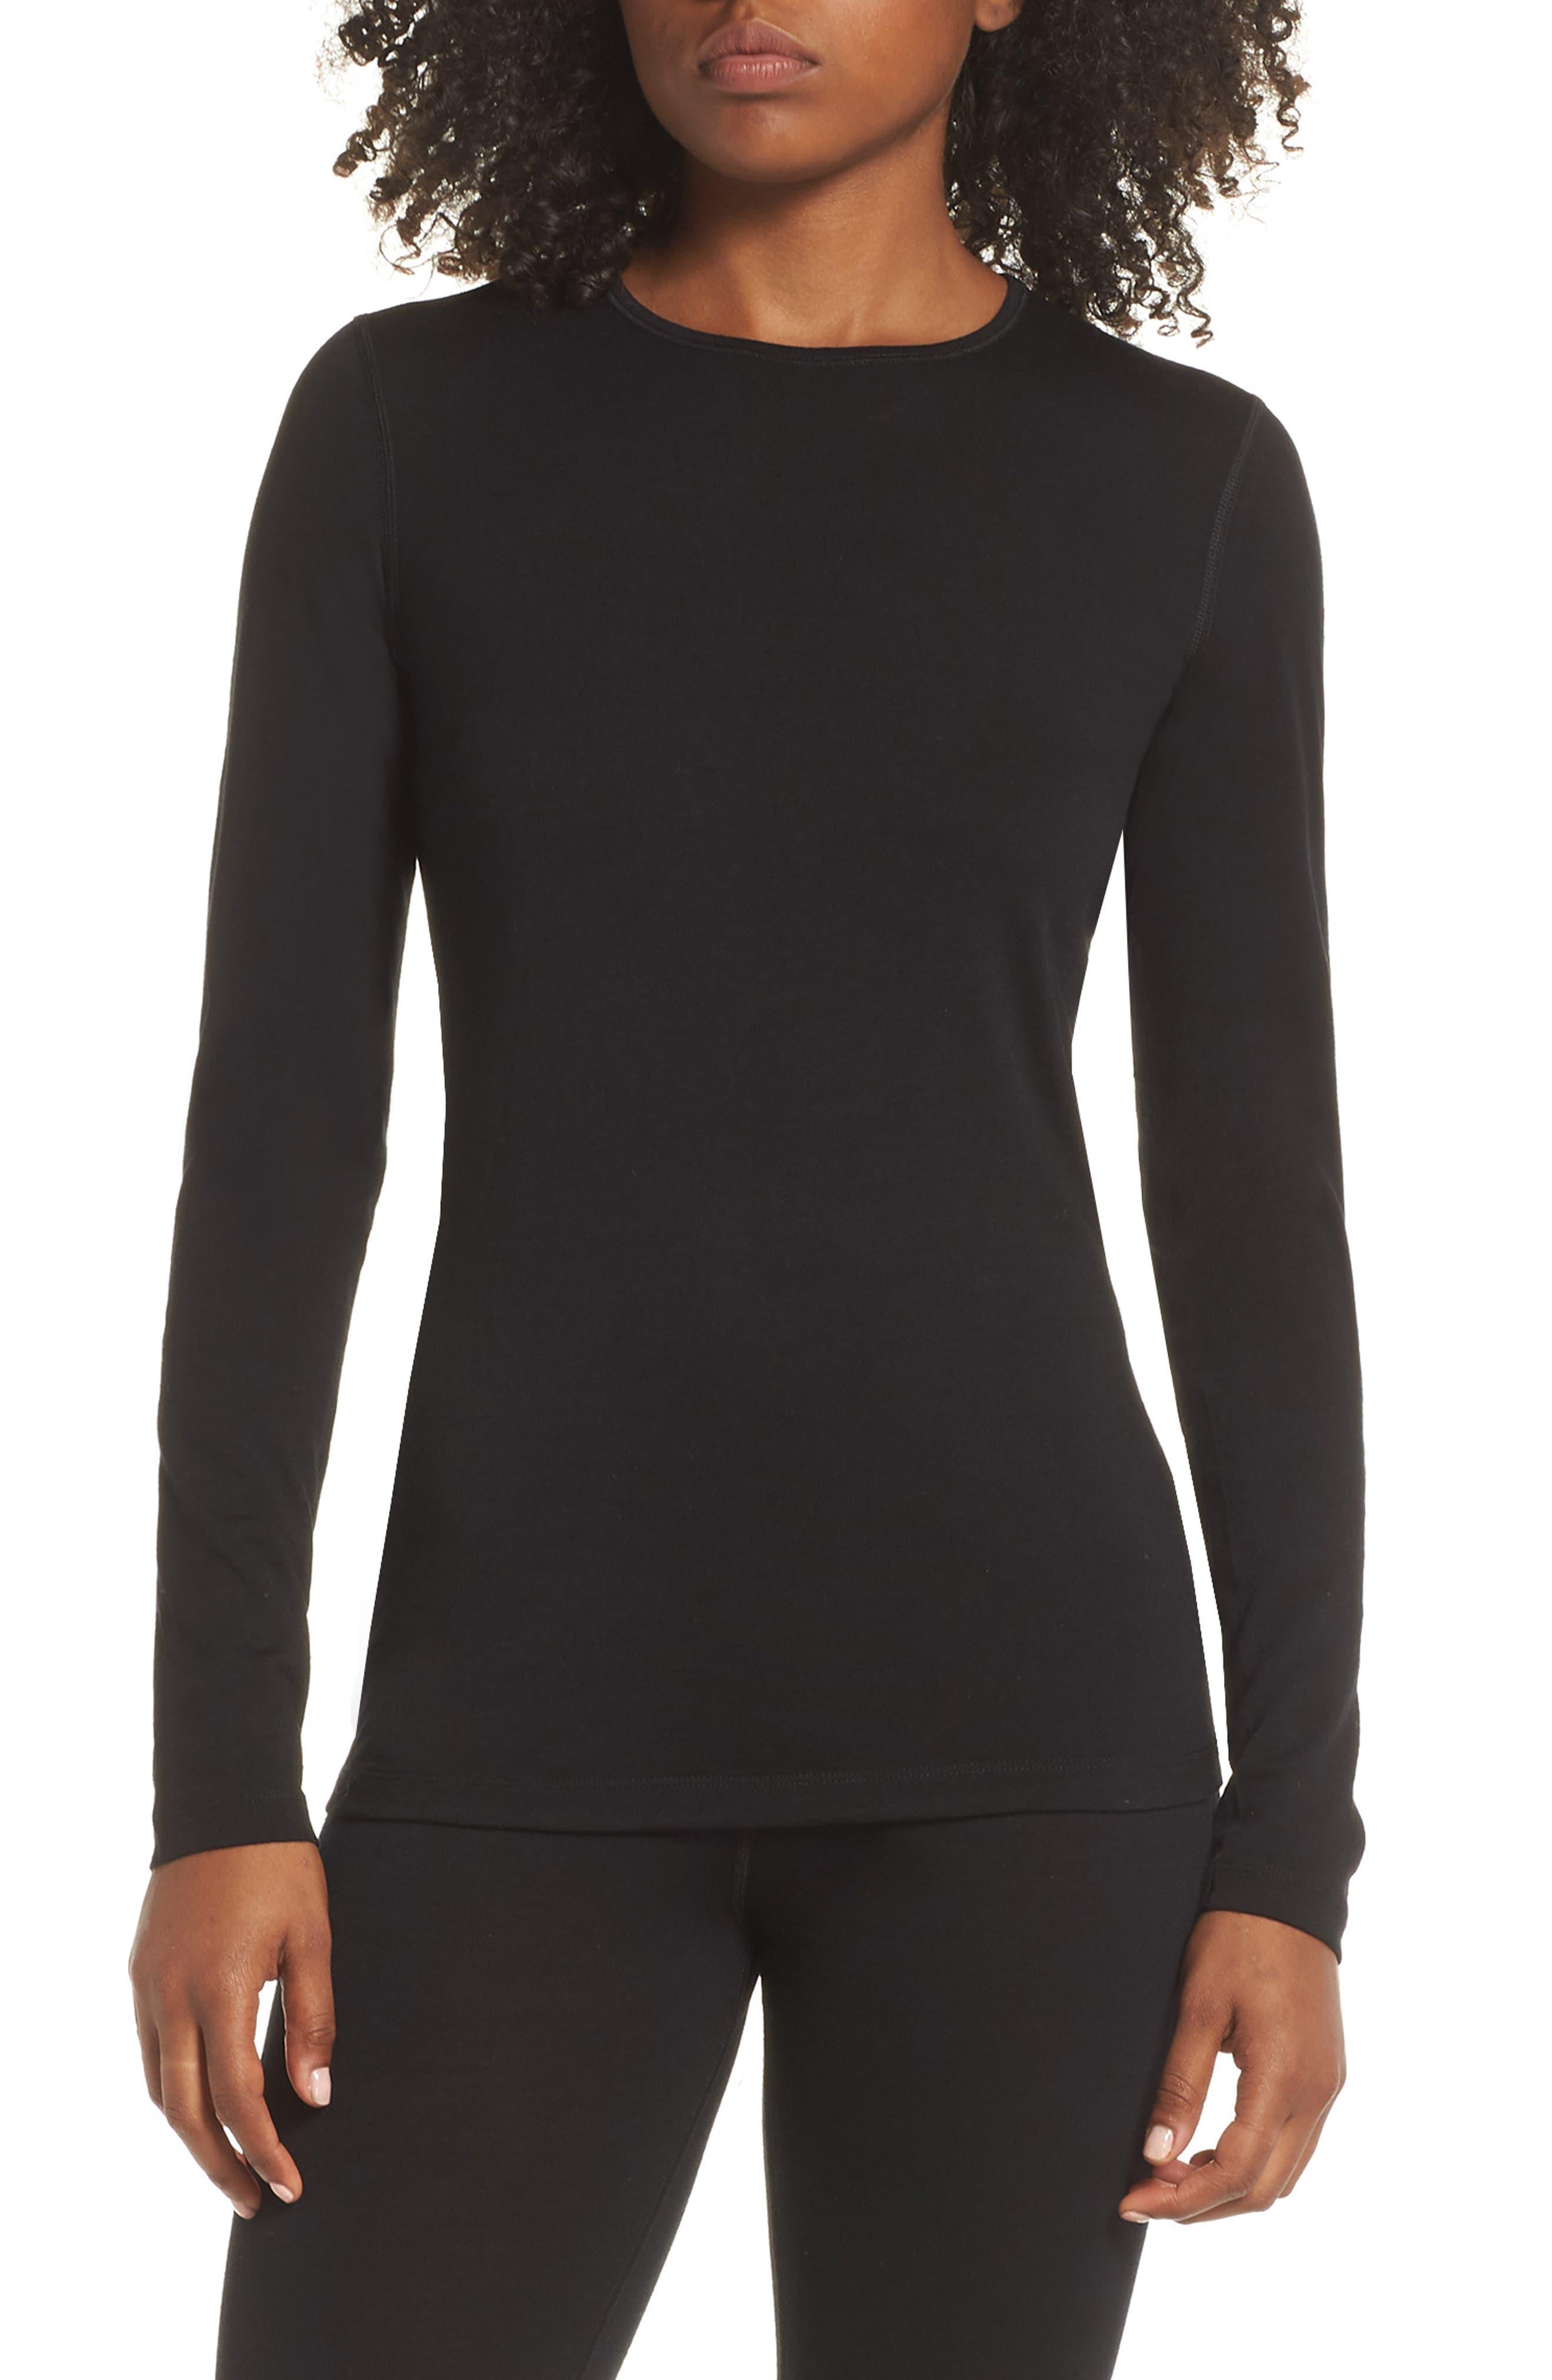 Icebreaker Oasis Long Sleeve Merino Wool Base Layer Tee, Black